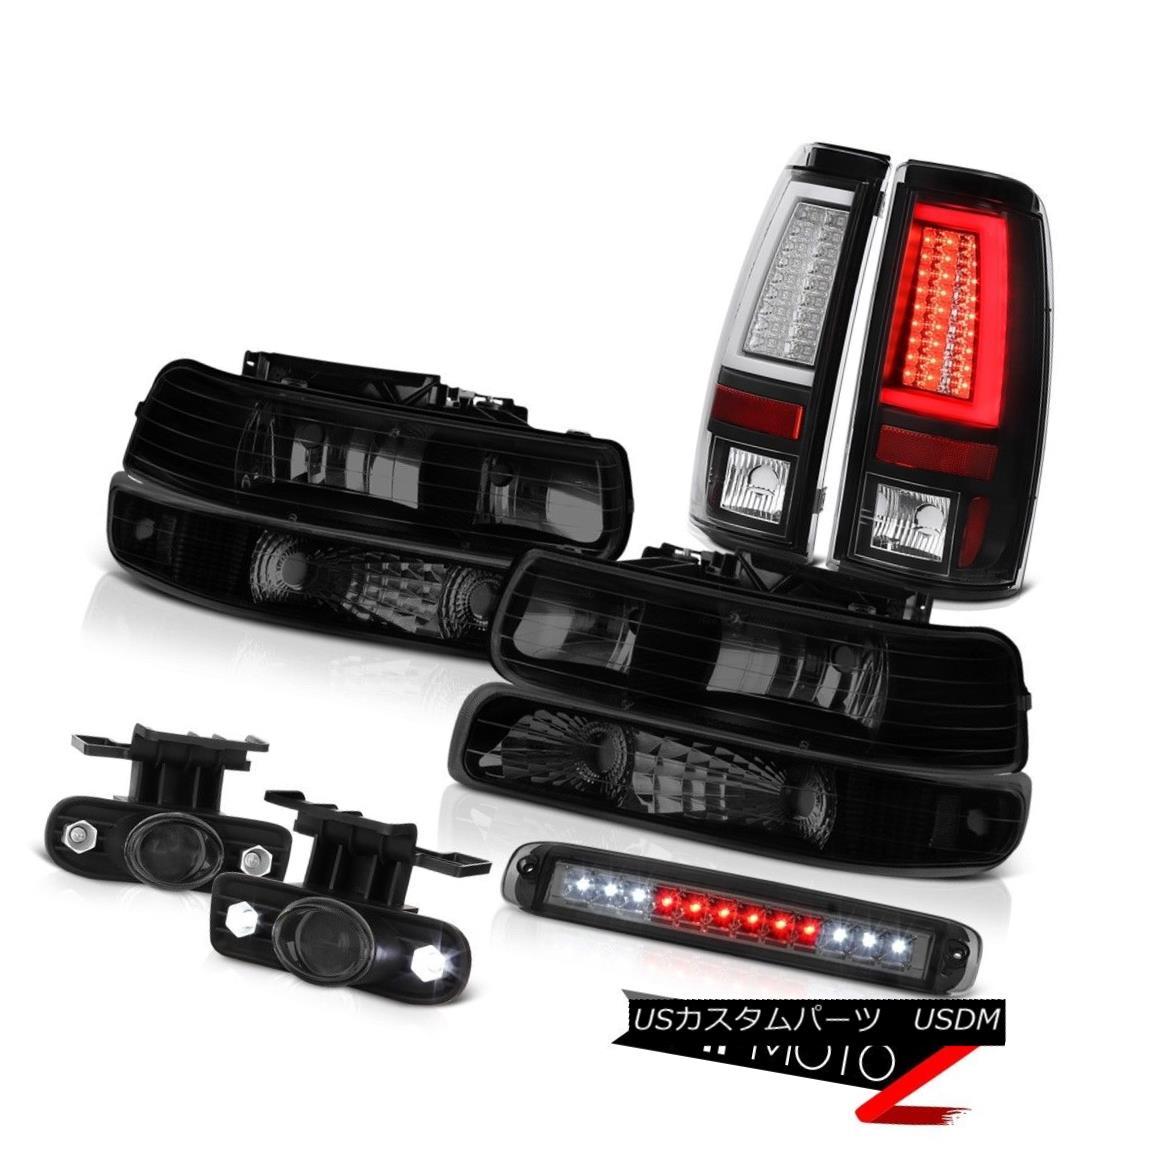 テールライト 1999-2002 Silverado LT Tail Brake Lights Headlamps Bumper Roof Lamp Foglamps LED 1999-2002 Silverado LTテールブレーキライトヘッドランプバンパールーフランプフォグランプLED